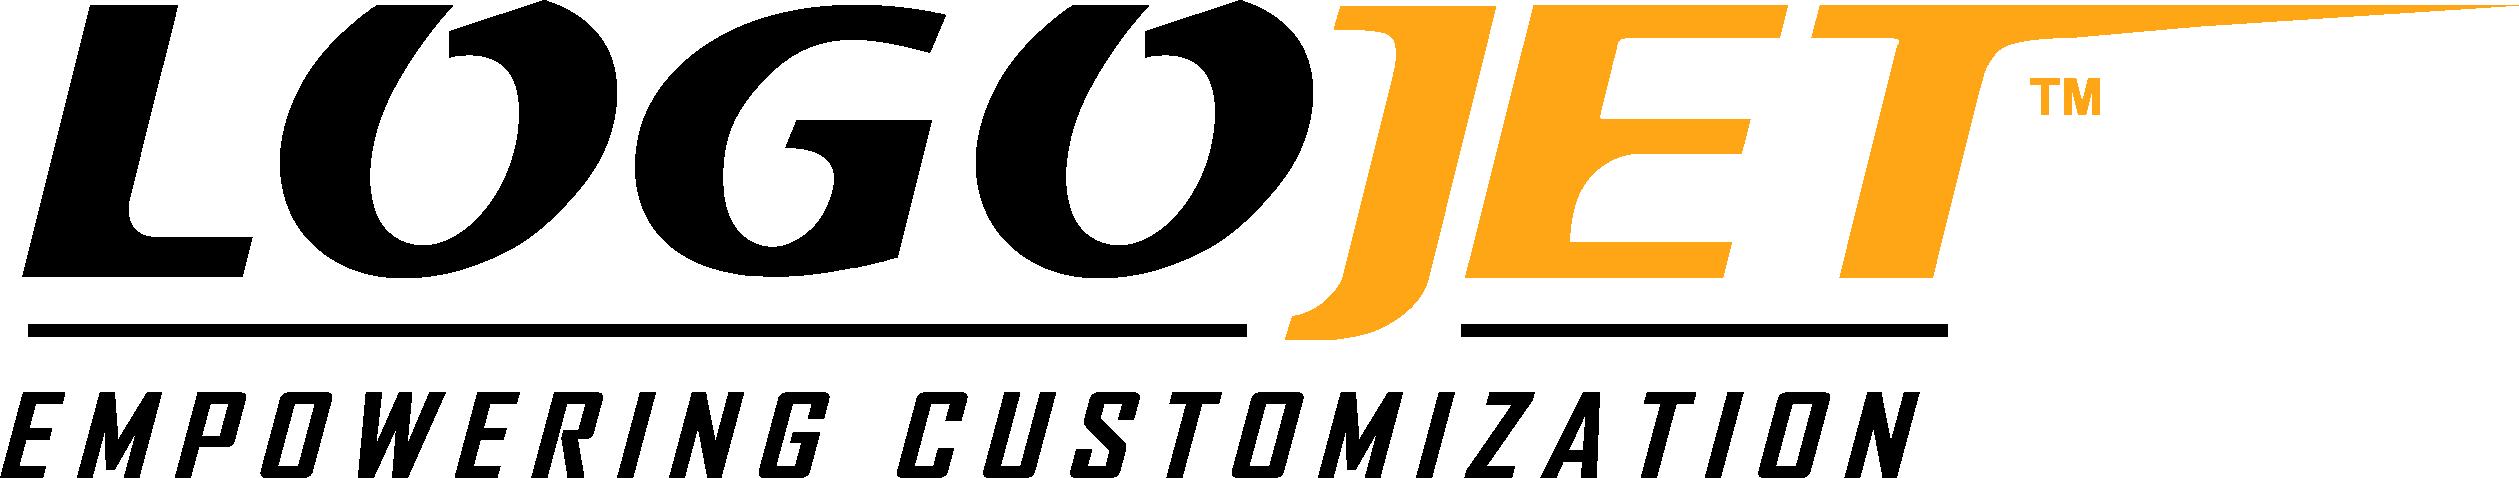 Logojet USA